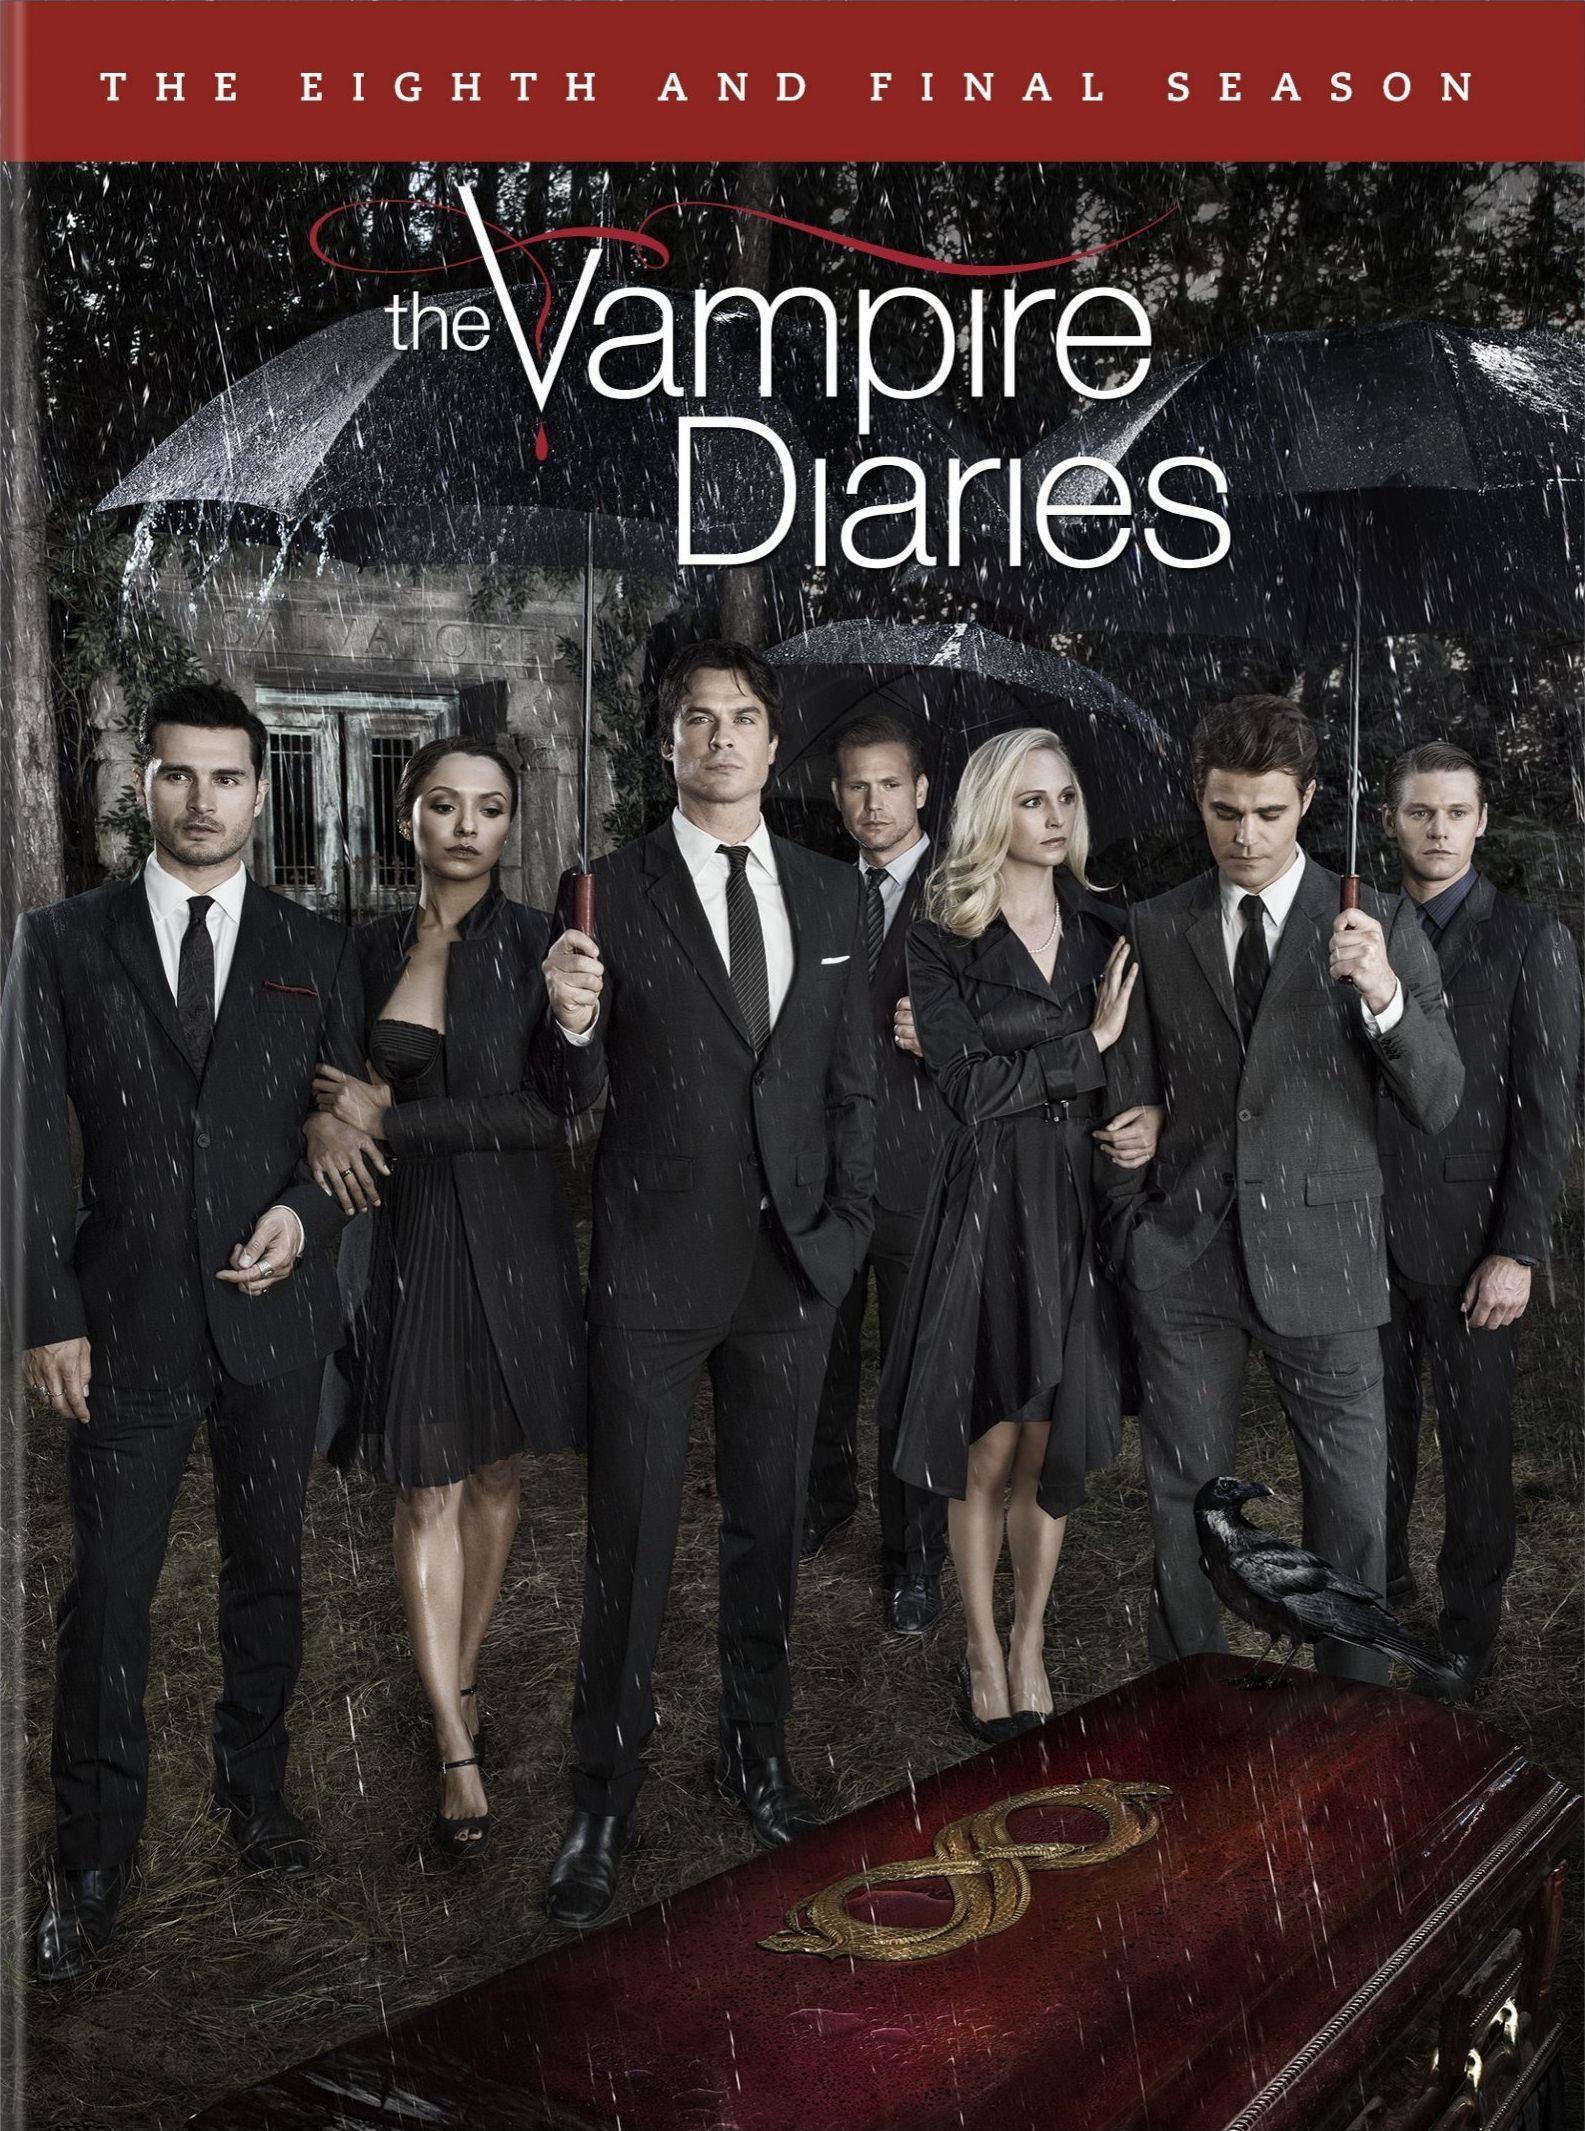 Mystic Falls Wallpaper The Vampire Diaries Dvd Release Date